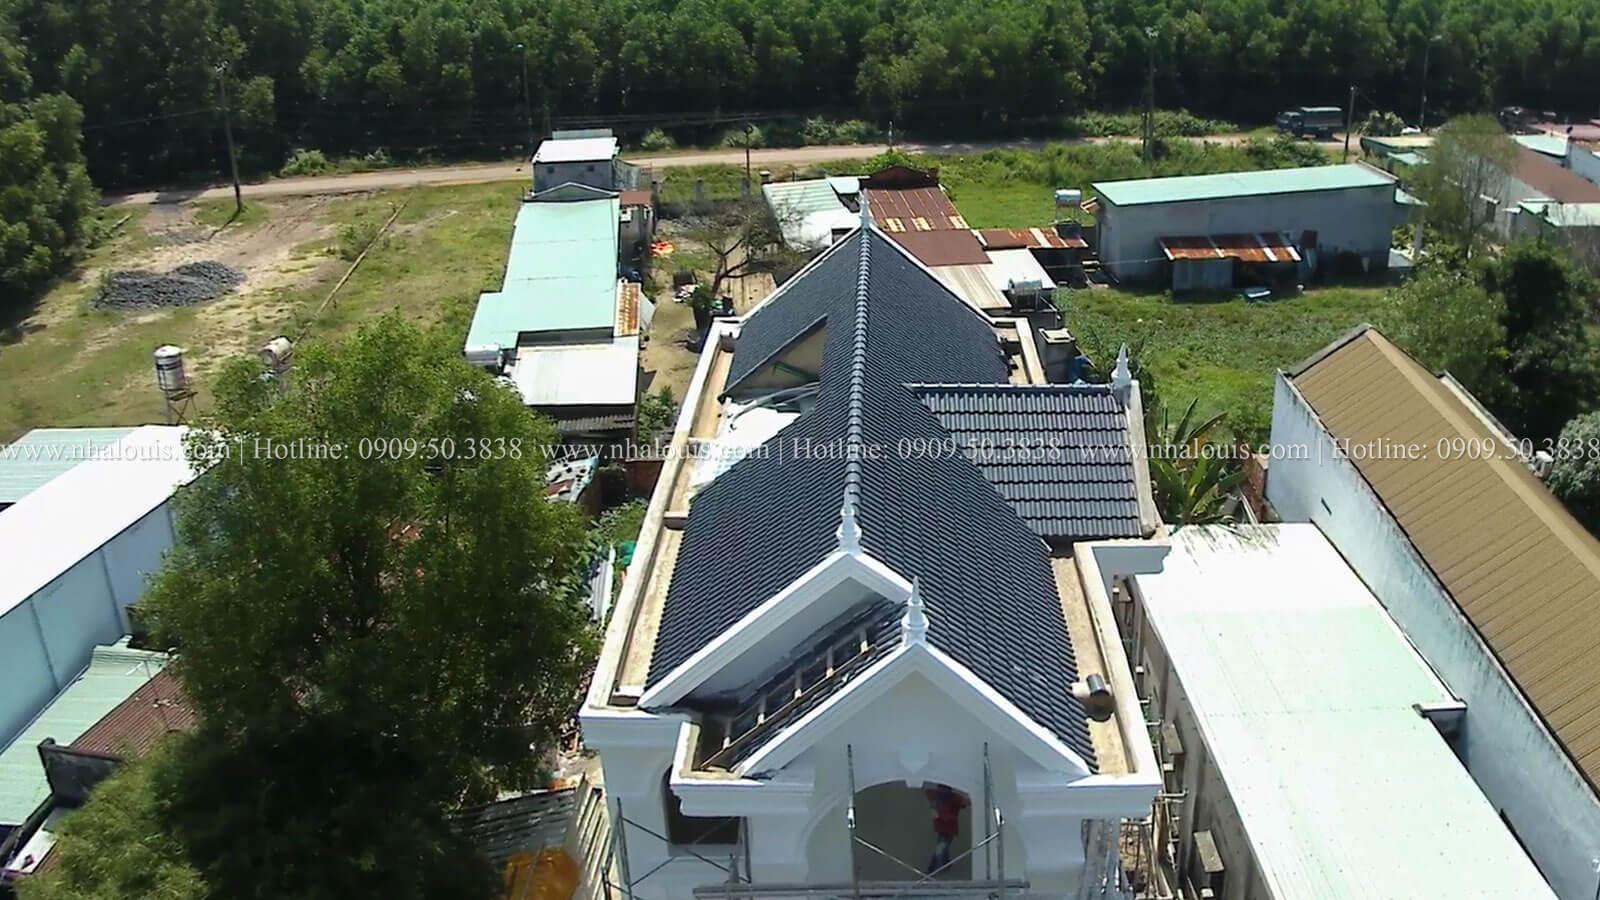 Thi công mẫu thiết kế biệt thự 3 tầng đẹp có sân vườn tại Đồng Nai